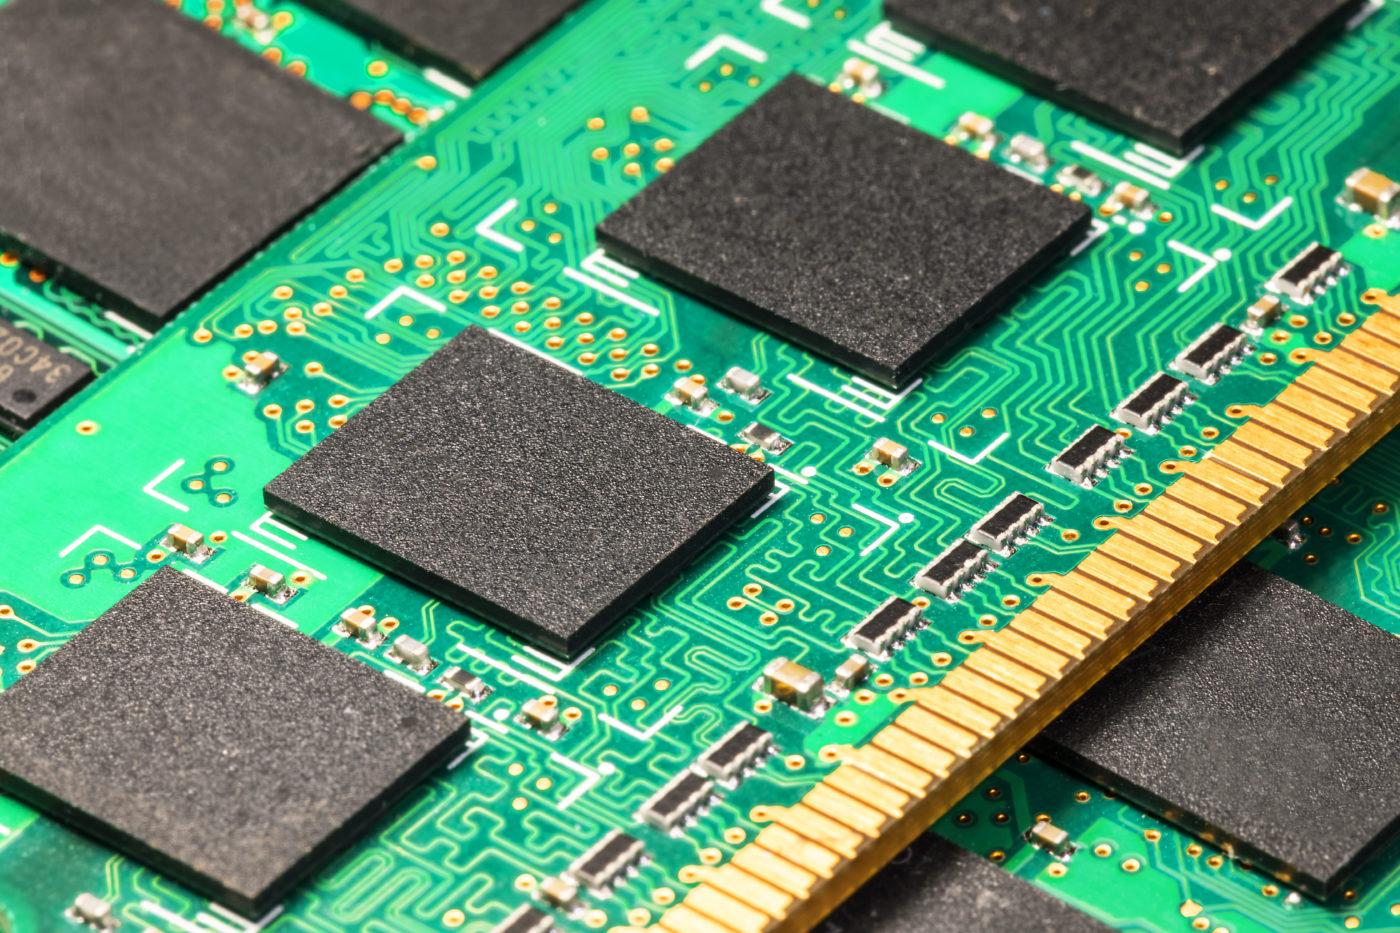 不要只看台积电!  DRAM十分稀缺,台湾制造商,例如Nanya和Winbond,利润更高| 科技新闻